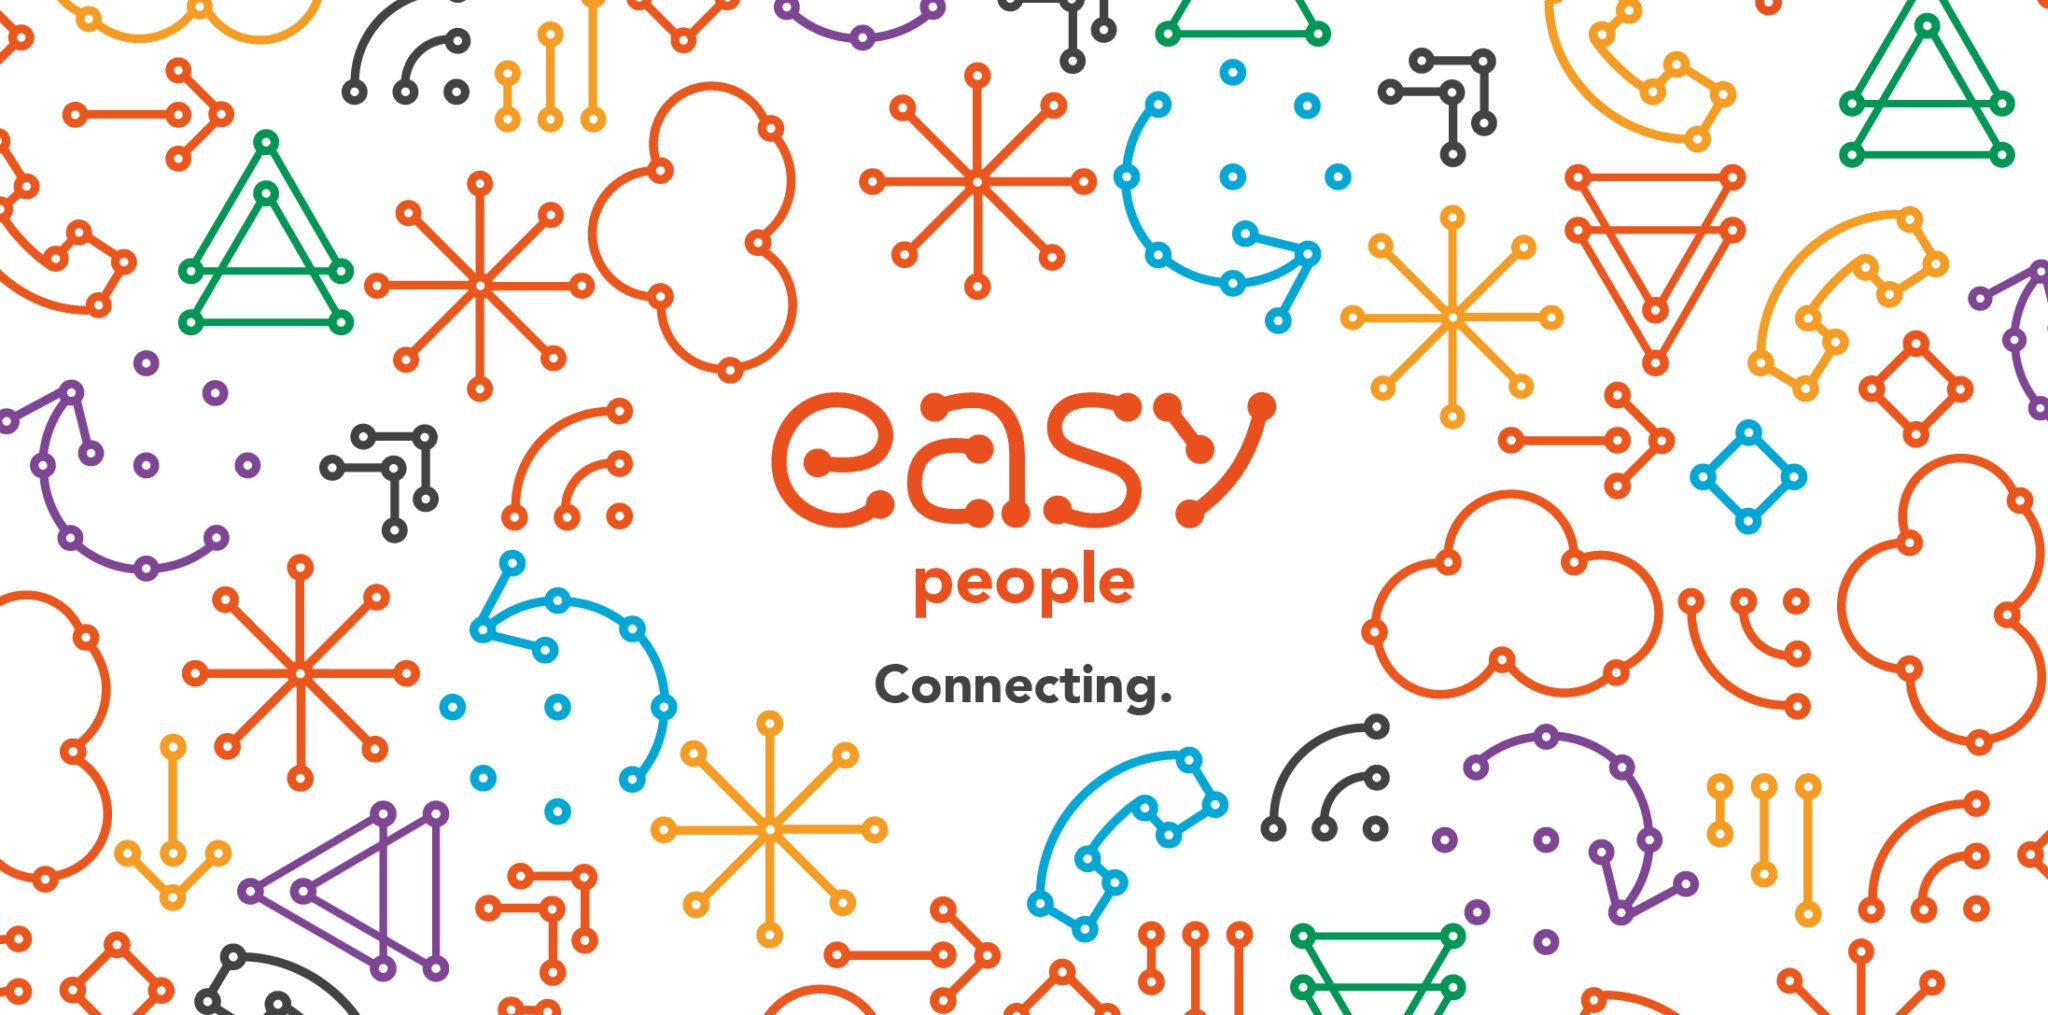 Rebranding_Easy People